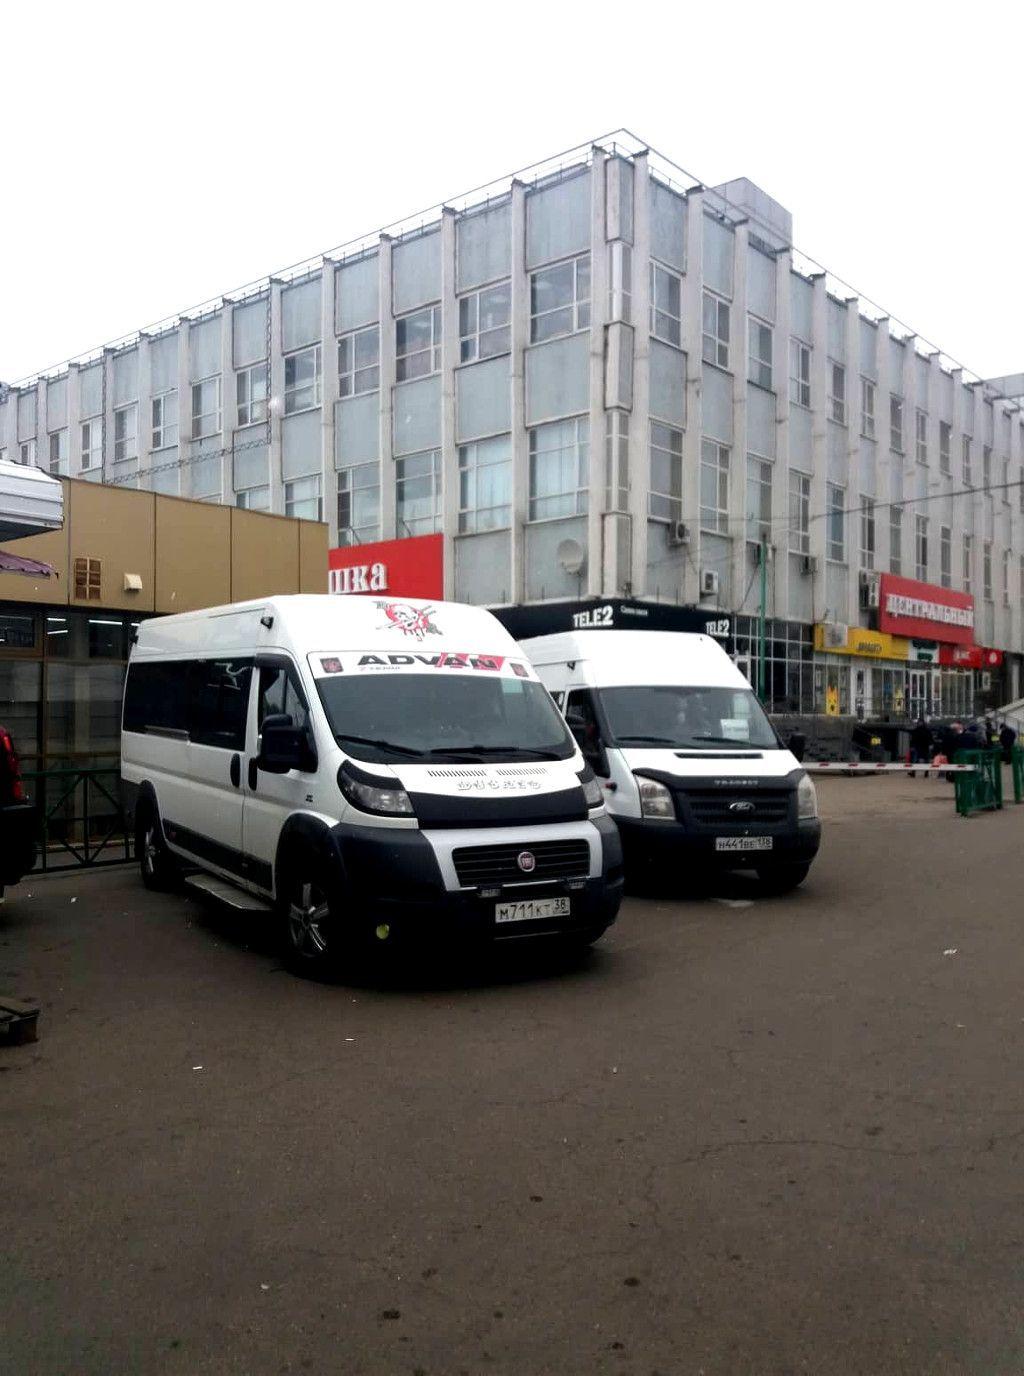 Minibusse in Irkutsk